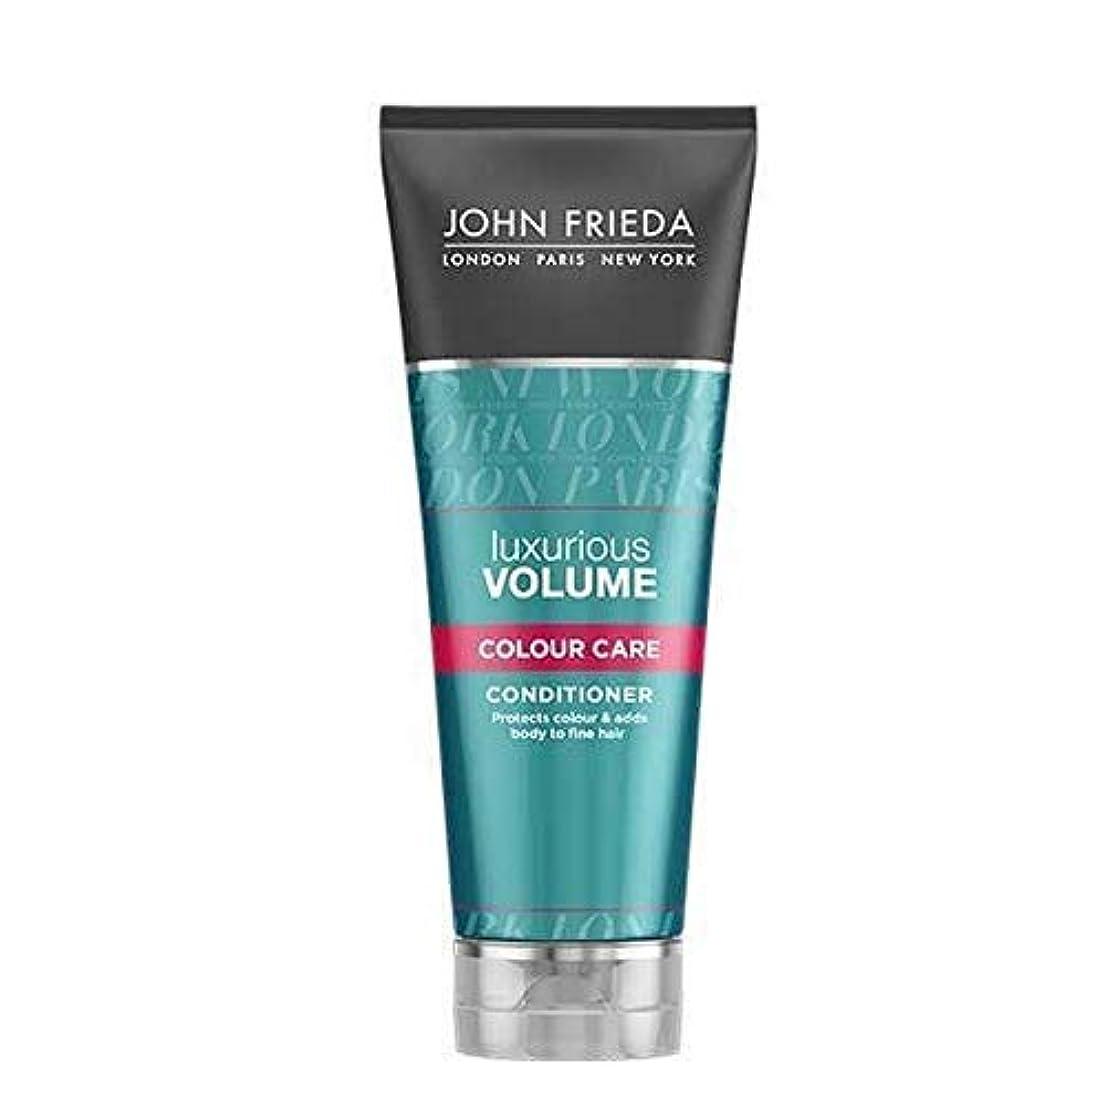 牛便益本気[John Frieda ] ジョン?フリーダ贅沢なボリュームカラーケアコンディショナー250Ml - John Frieda Luxurious Volume Colour Care Conditioner 250ml...